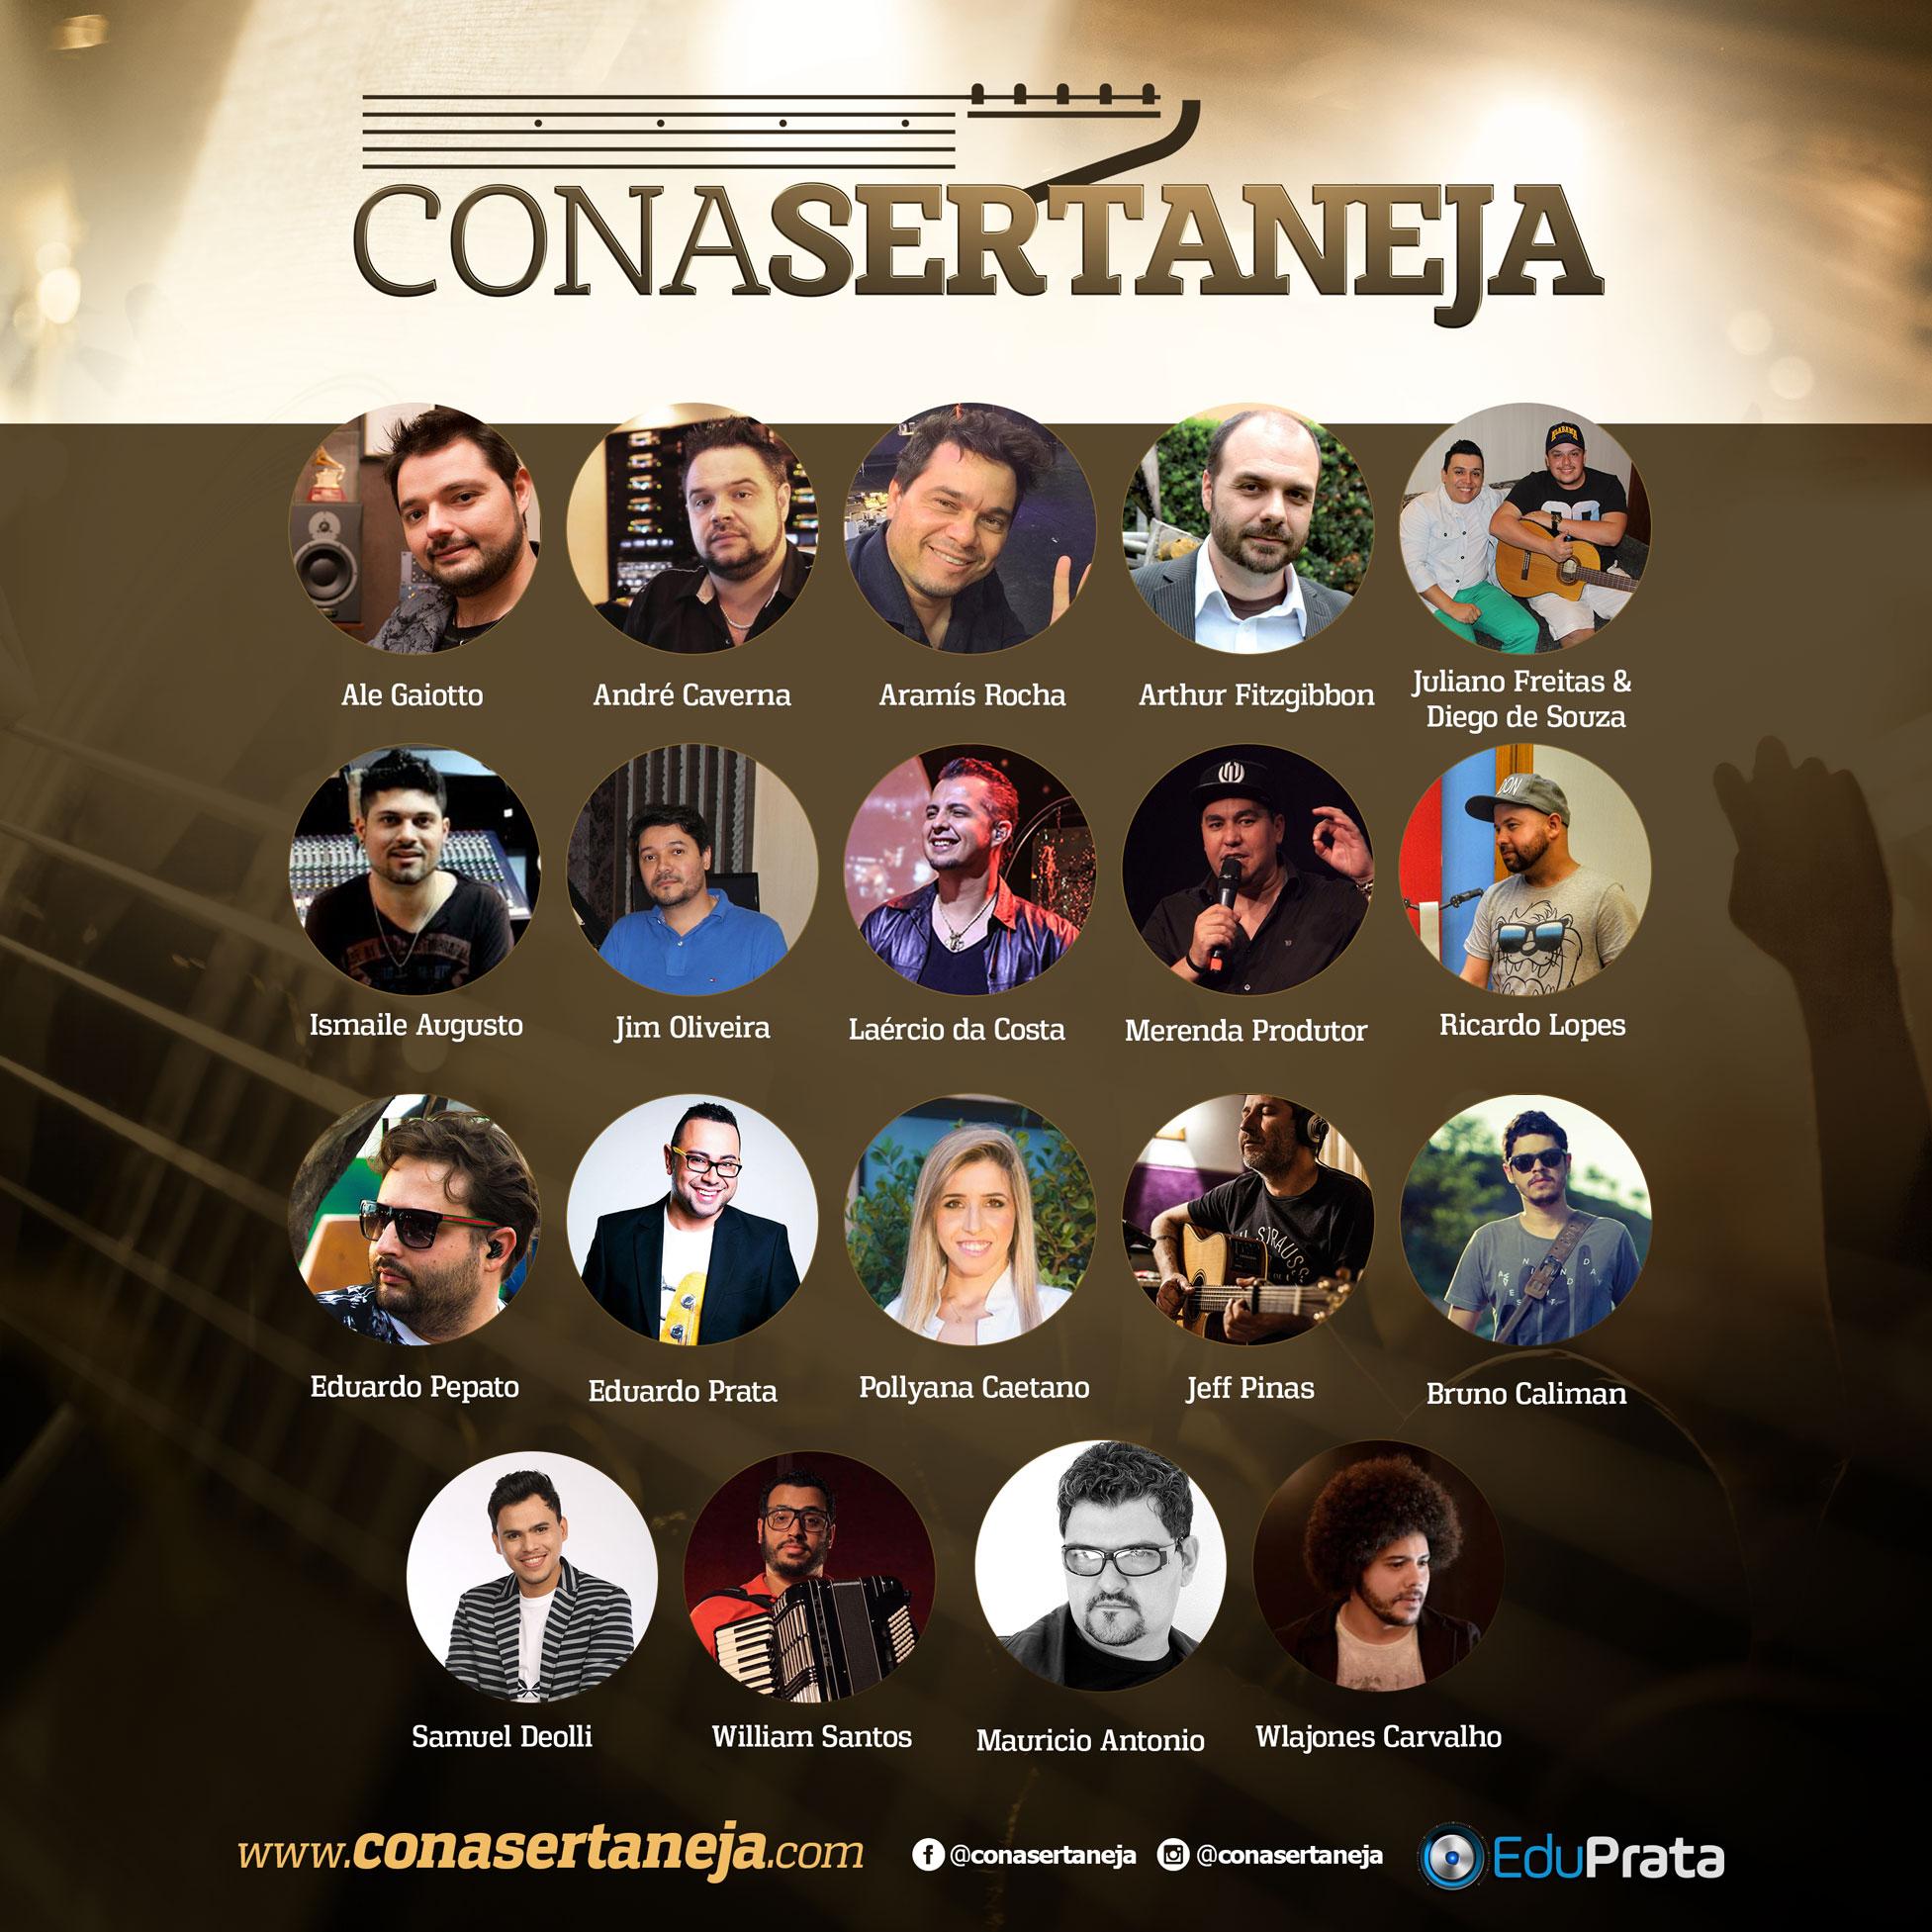 Conasertaneja: começa na segunda-feira o primeiro congresso on-line sobre música sertaneja do Brasil